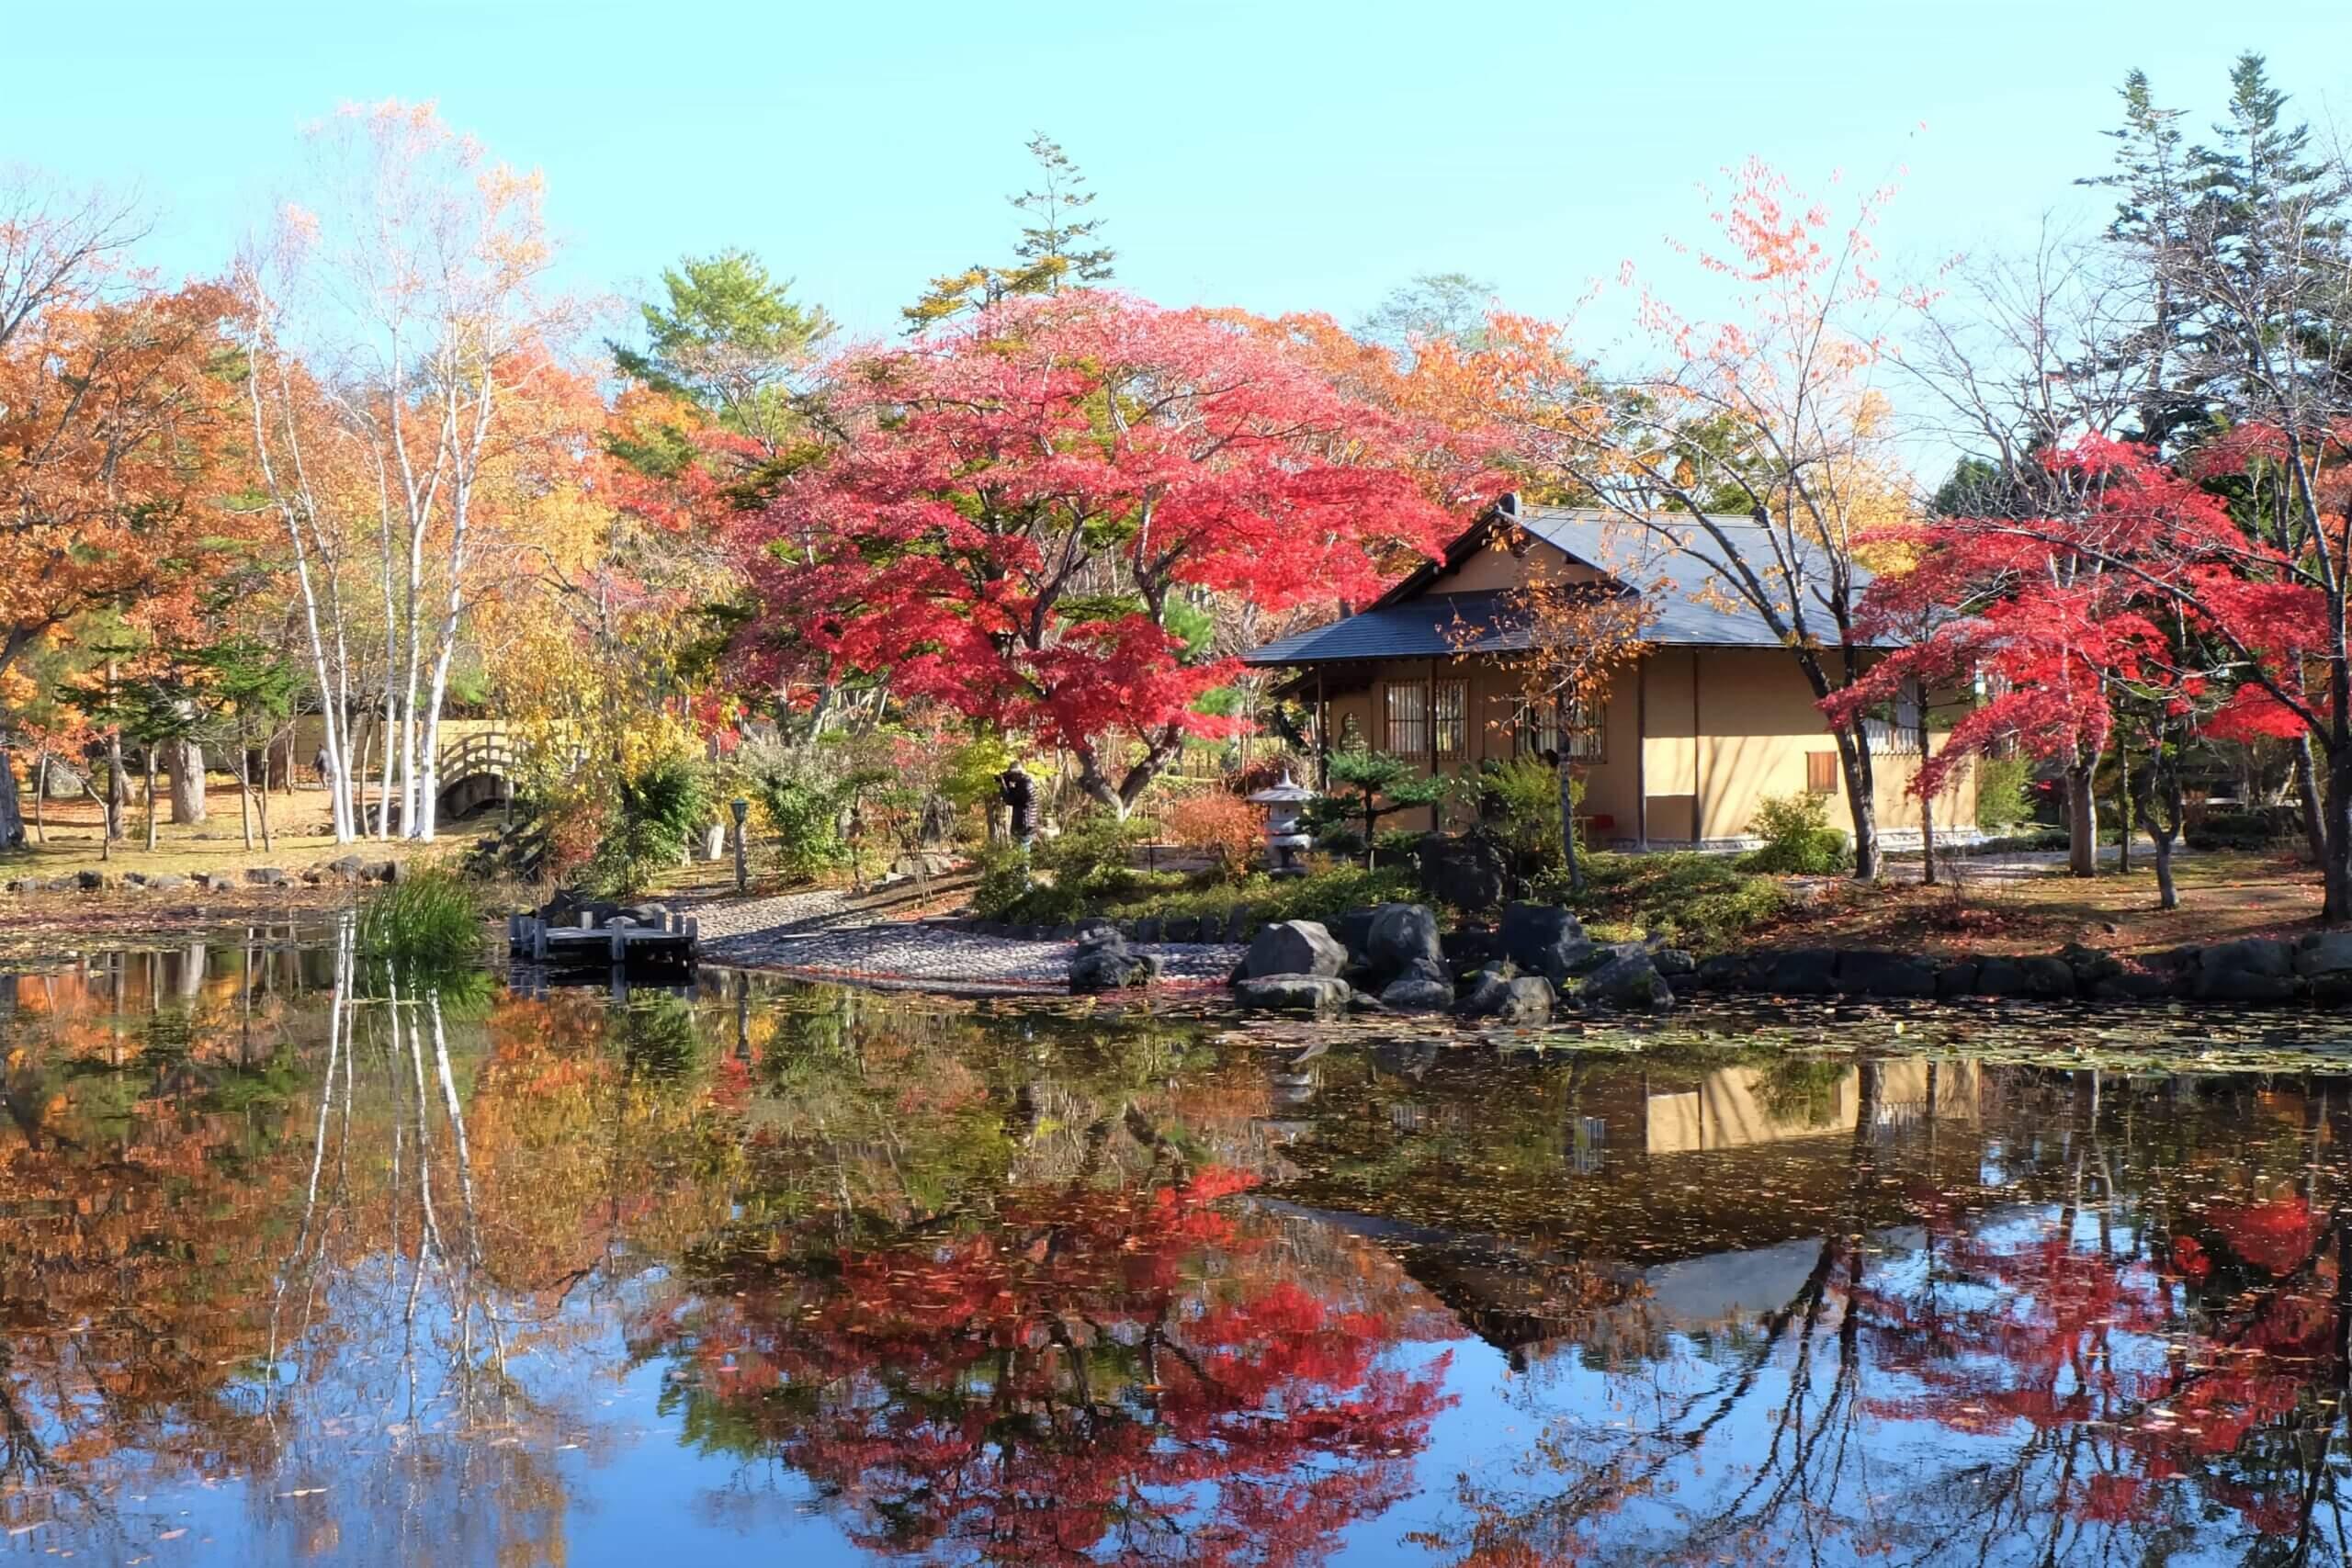 以日式庭園造景聞名的玉泉館跡地公園